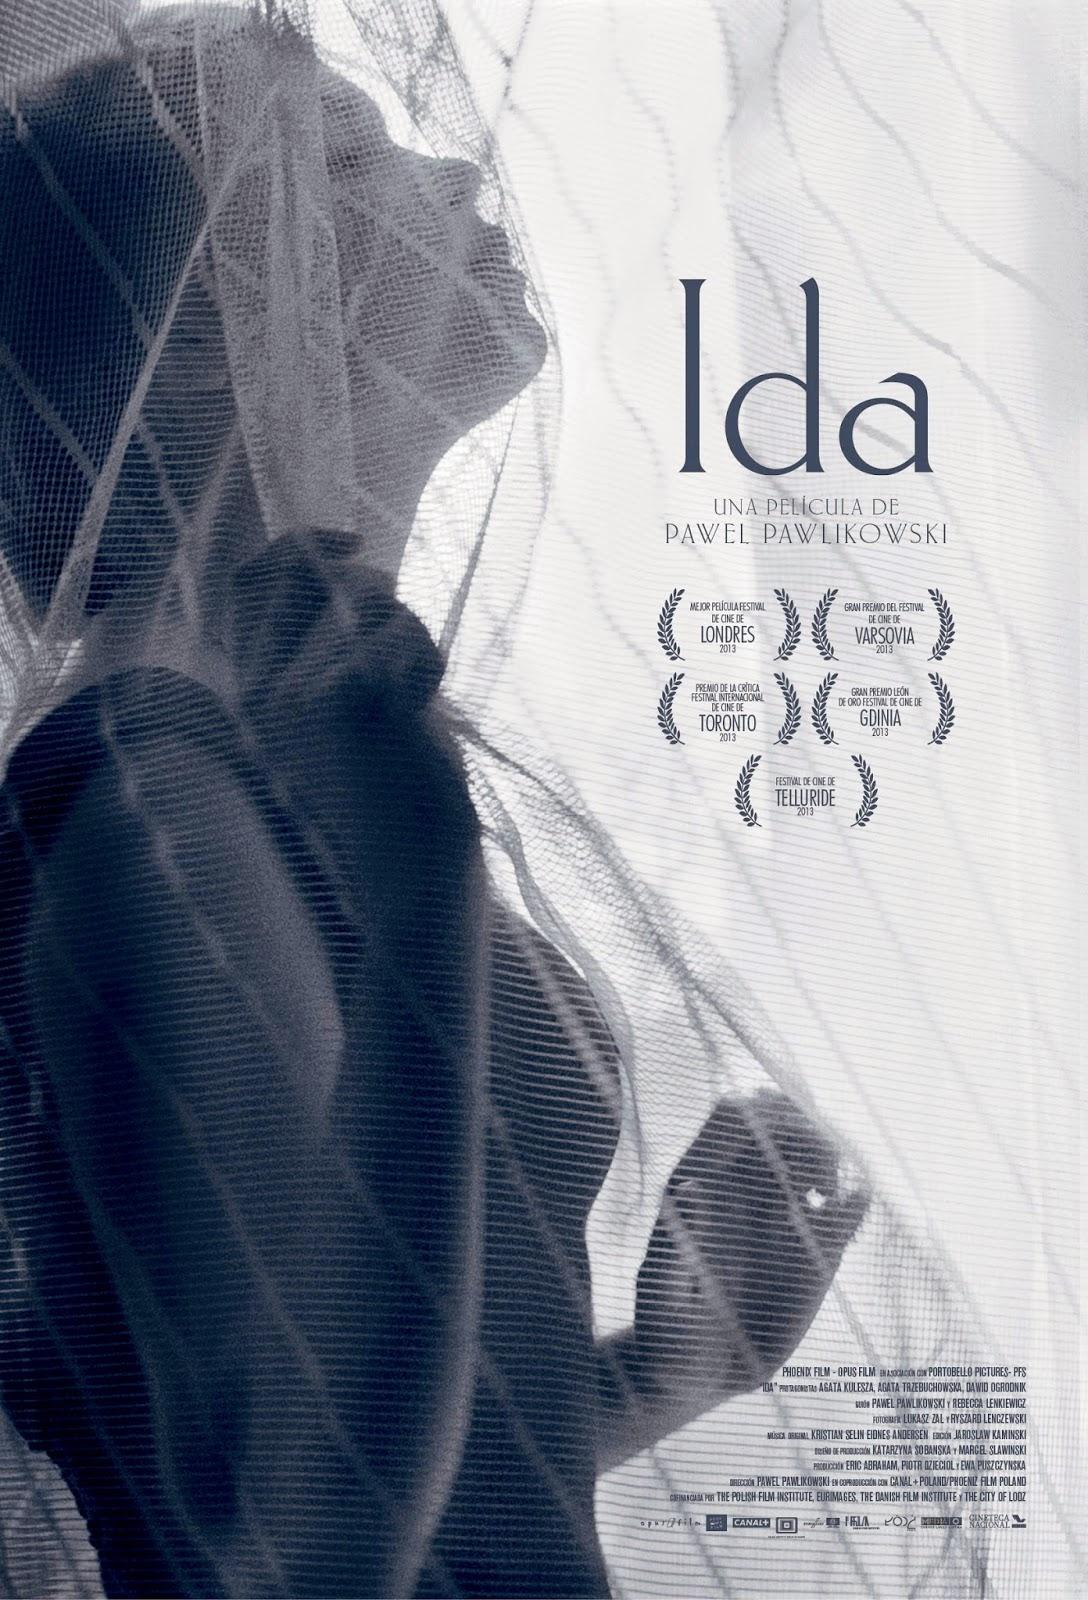 Premios Oscar 2015 IDA-cartel_